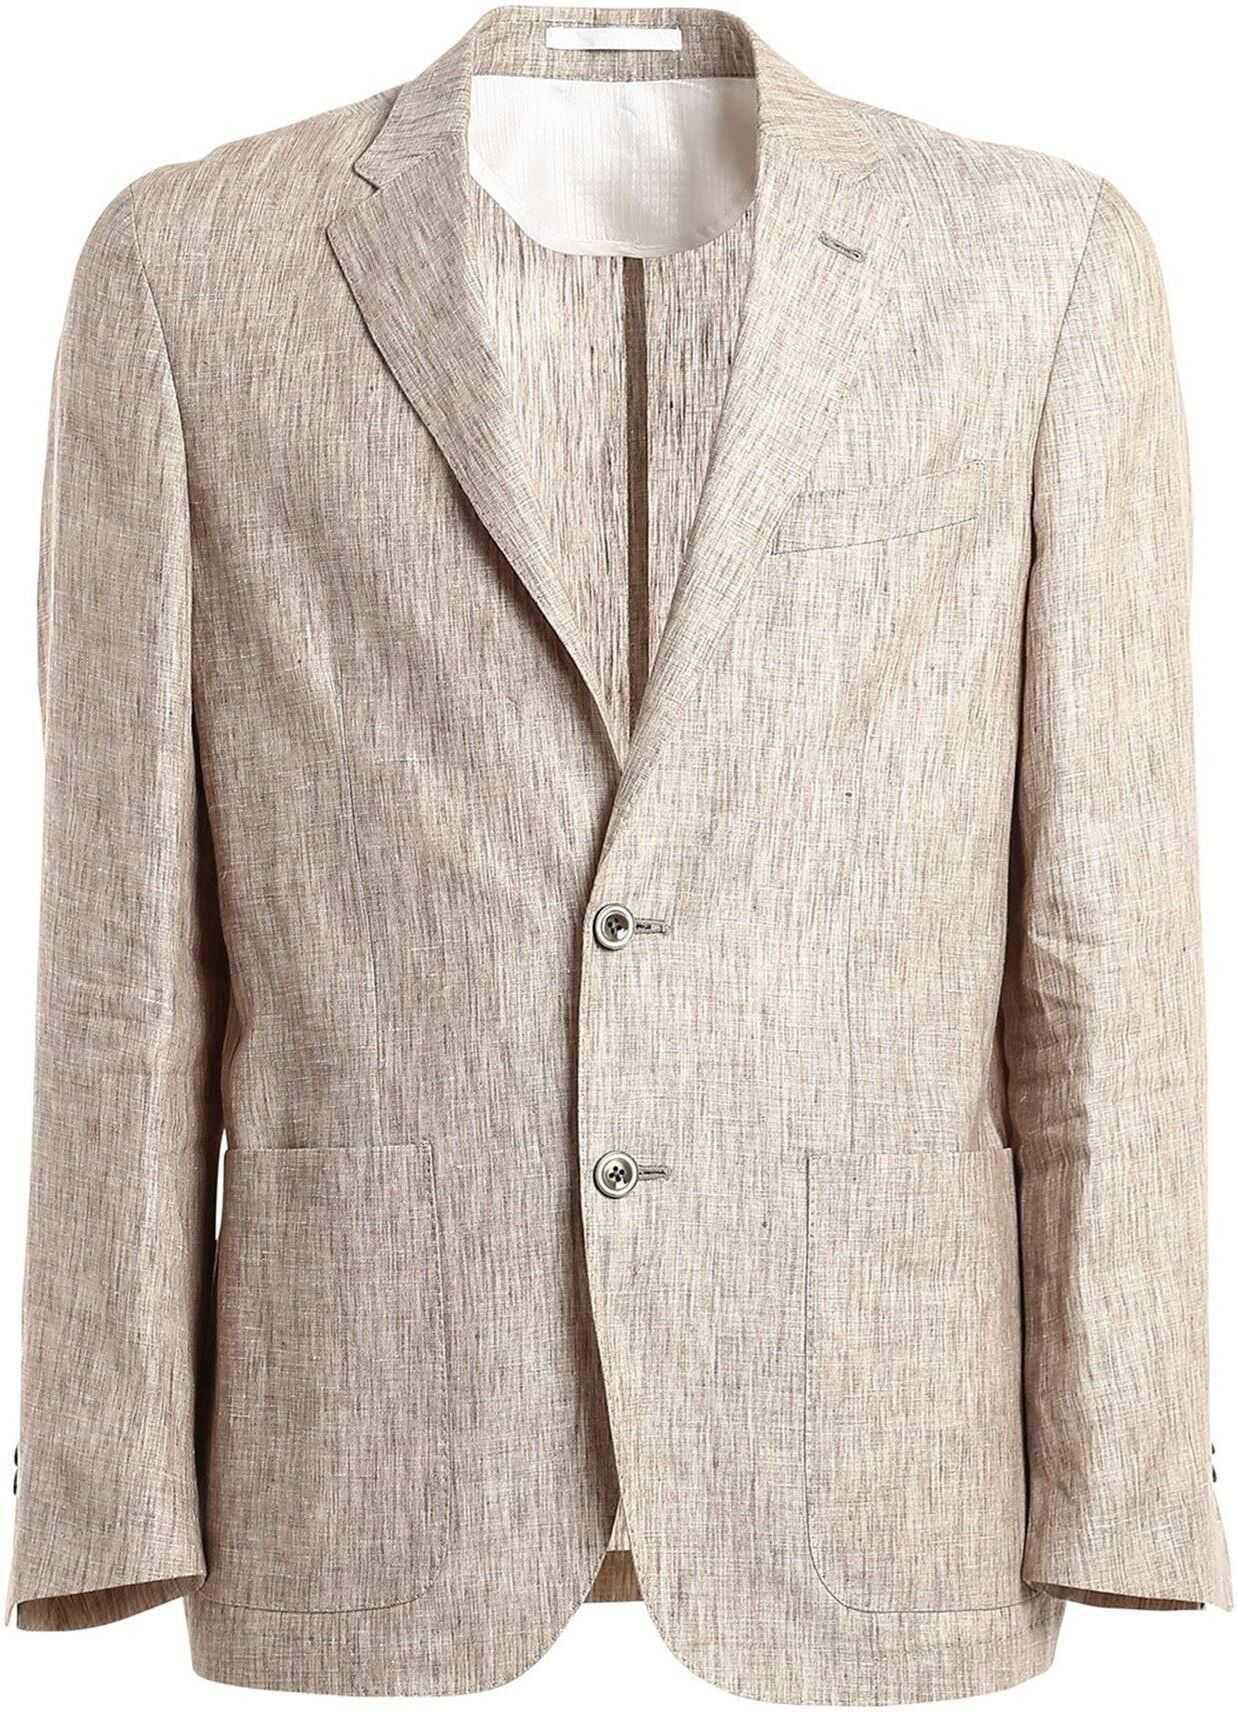 CORNELIANI Linen Blazers In Beige Beige imagine